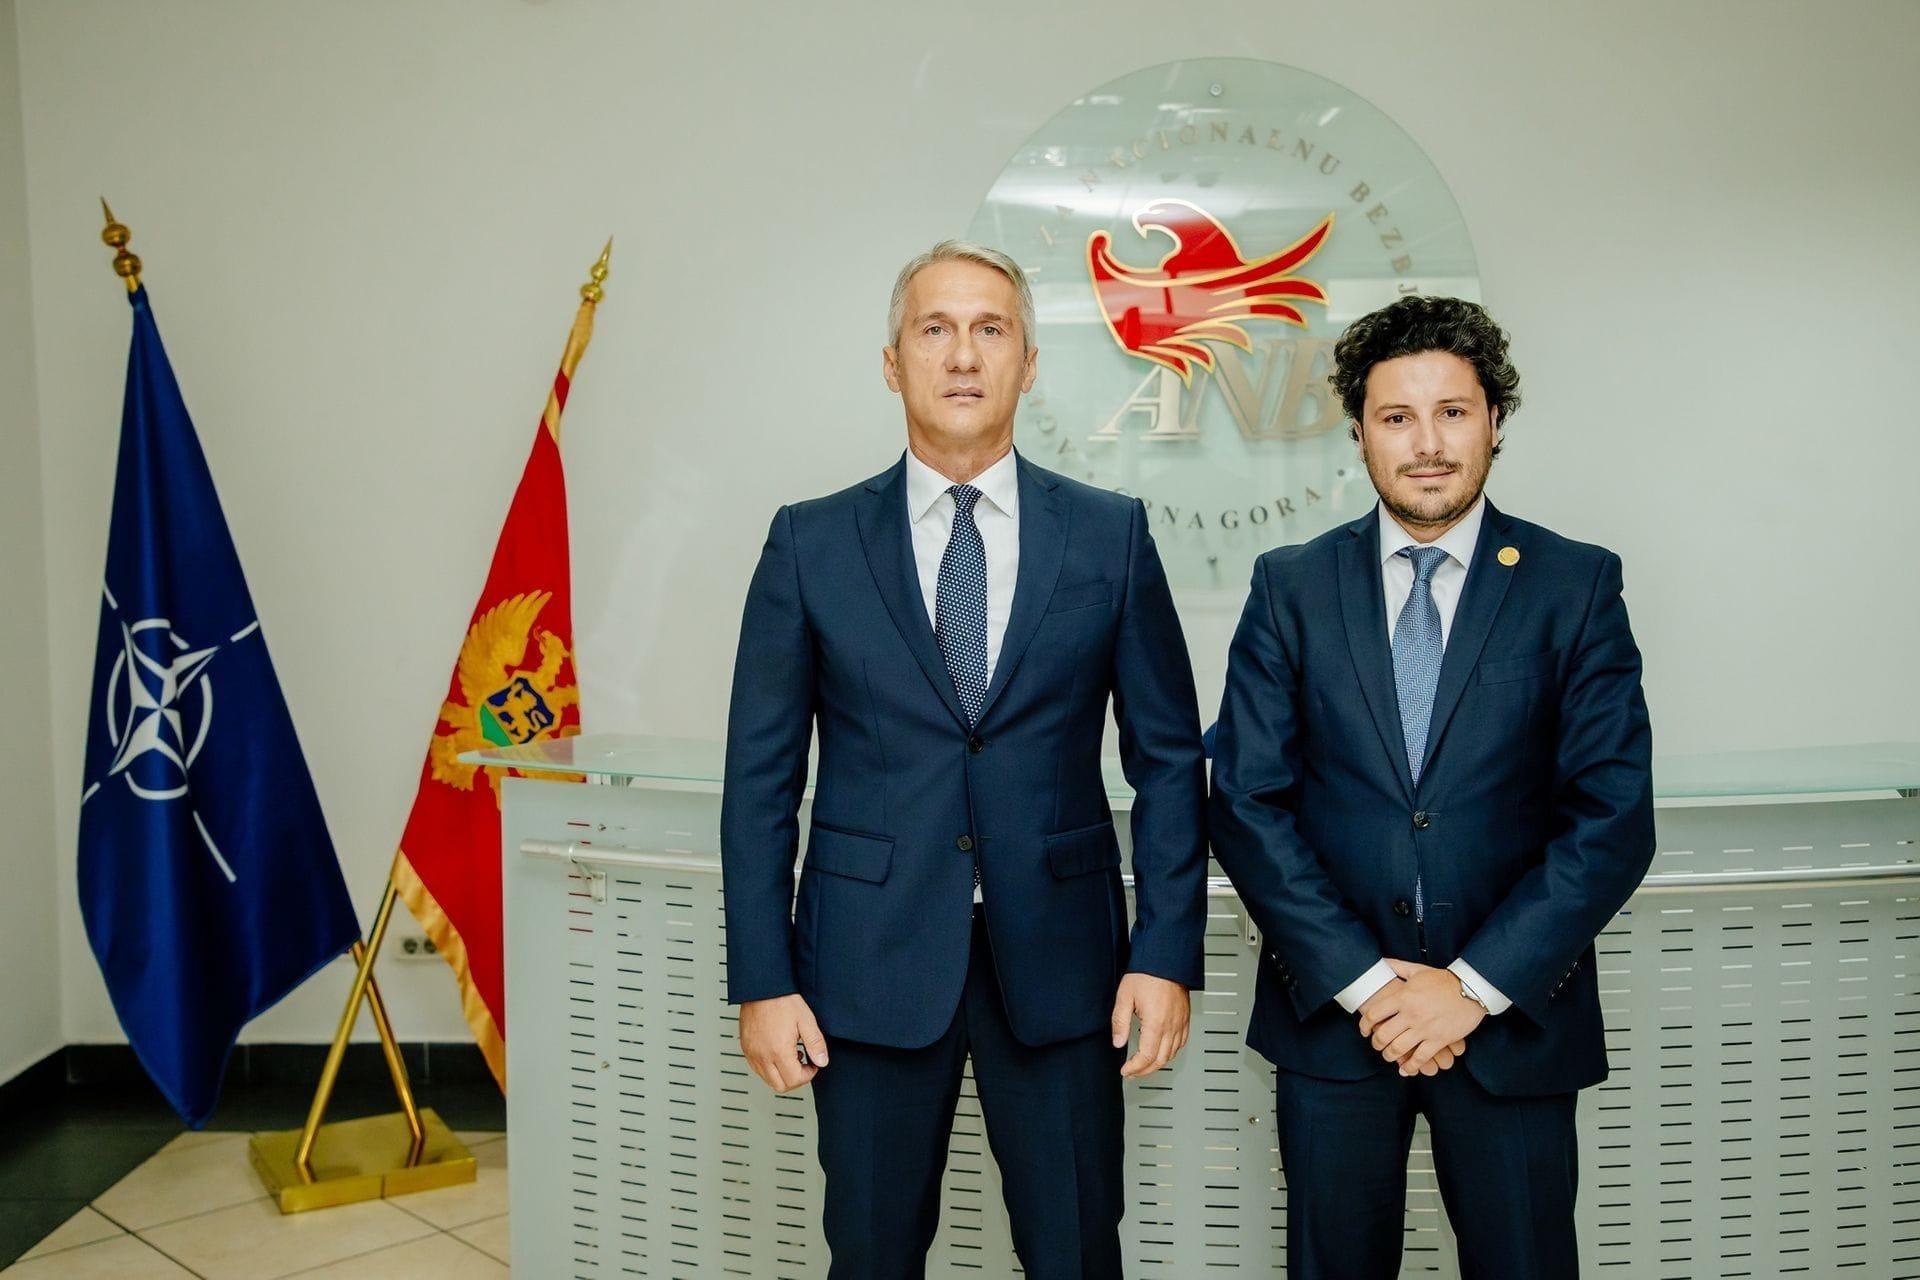 Μαυροβούνιο: Ο Abazović επισκέφθηκε το ANB και τόνισε ότι δεν υπάρχει ξένος στρατός στη χώρα